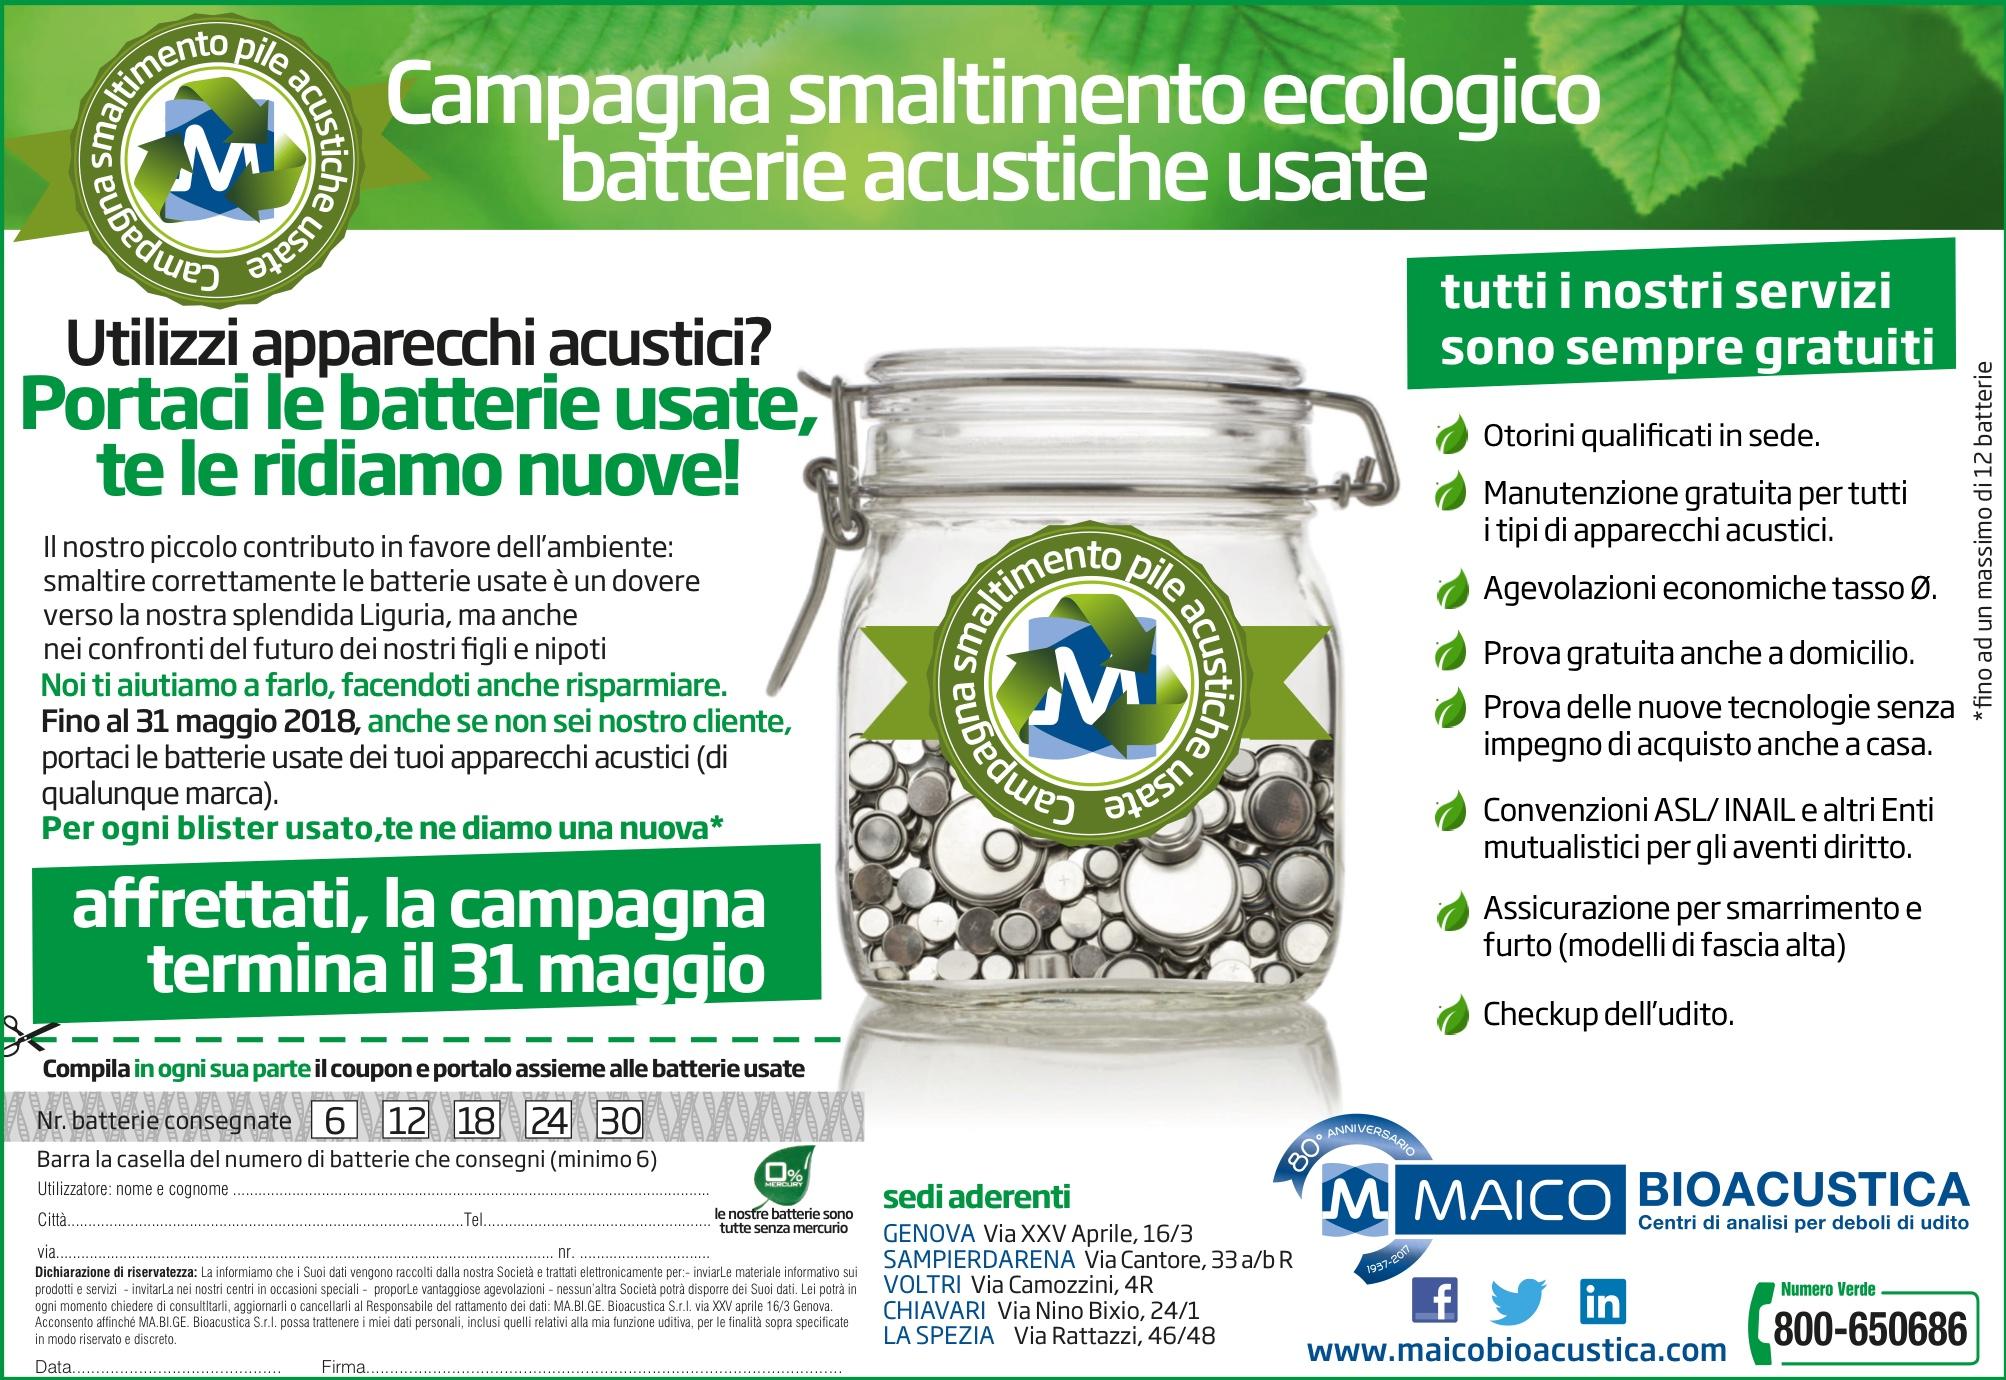 Campagna smaltimento ecologico batterie acustiche esauste